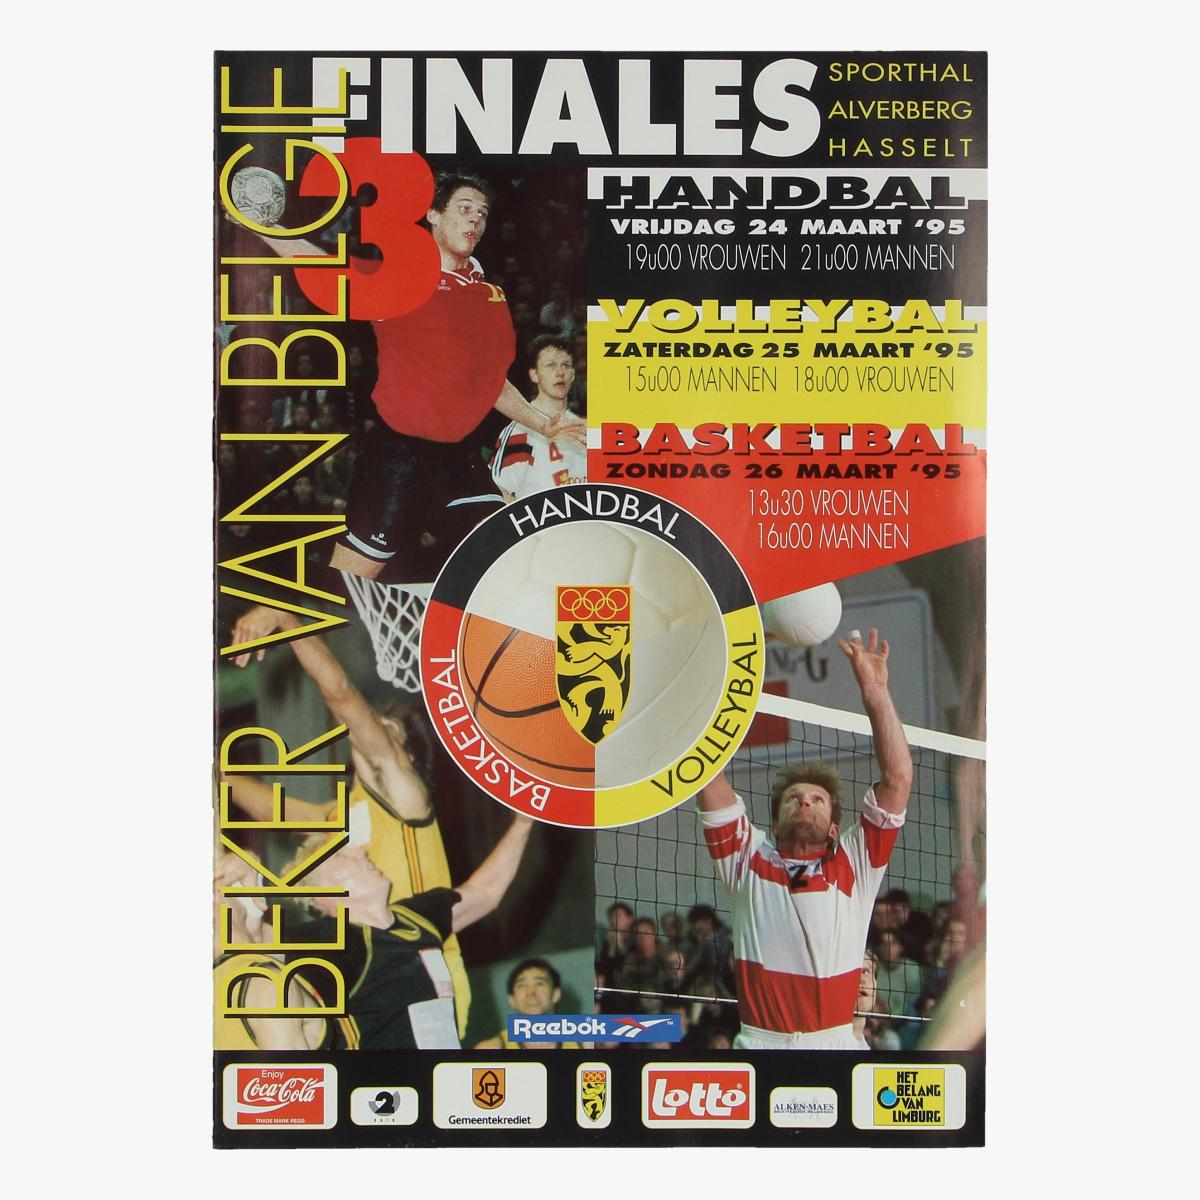 Afbeeldingen van tijdschrijft sporthal alverberg Hasselt 1995